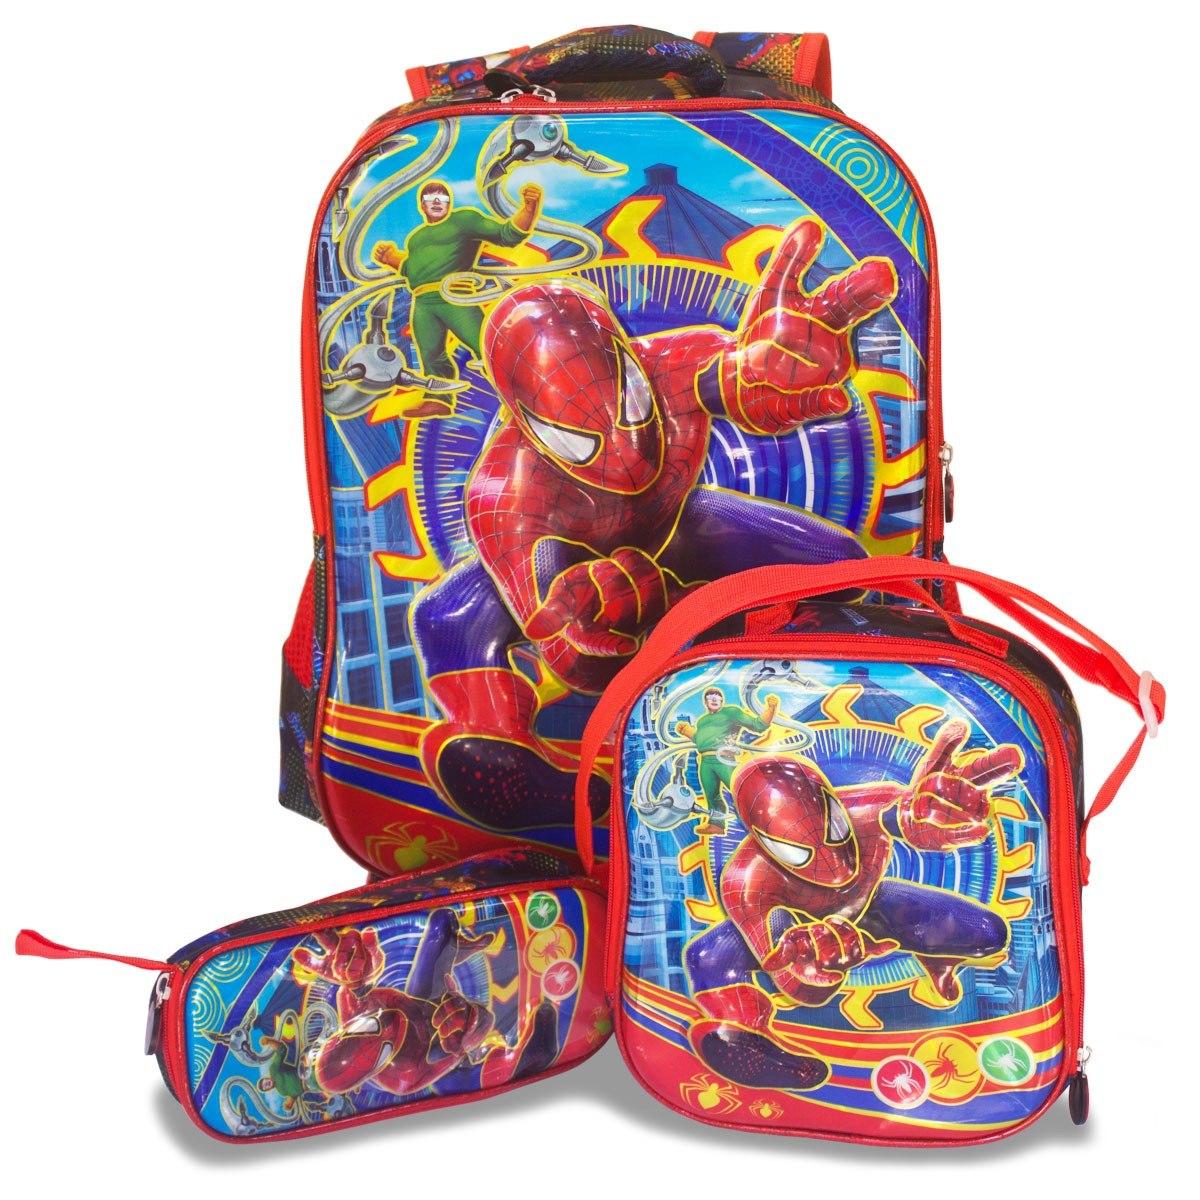 815b0b9a3 kit mochila escolar infantil rodinhas homem aranha masculina. Carregando  zoom.